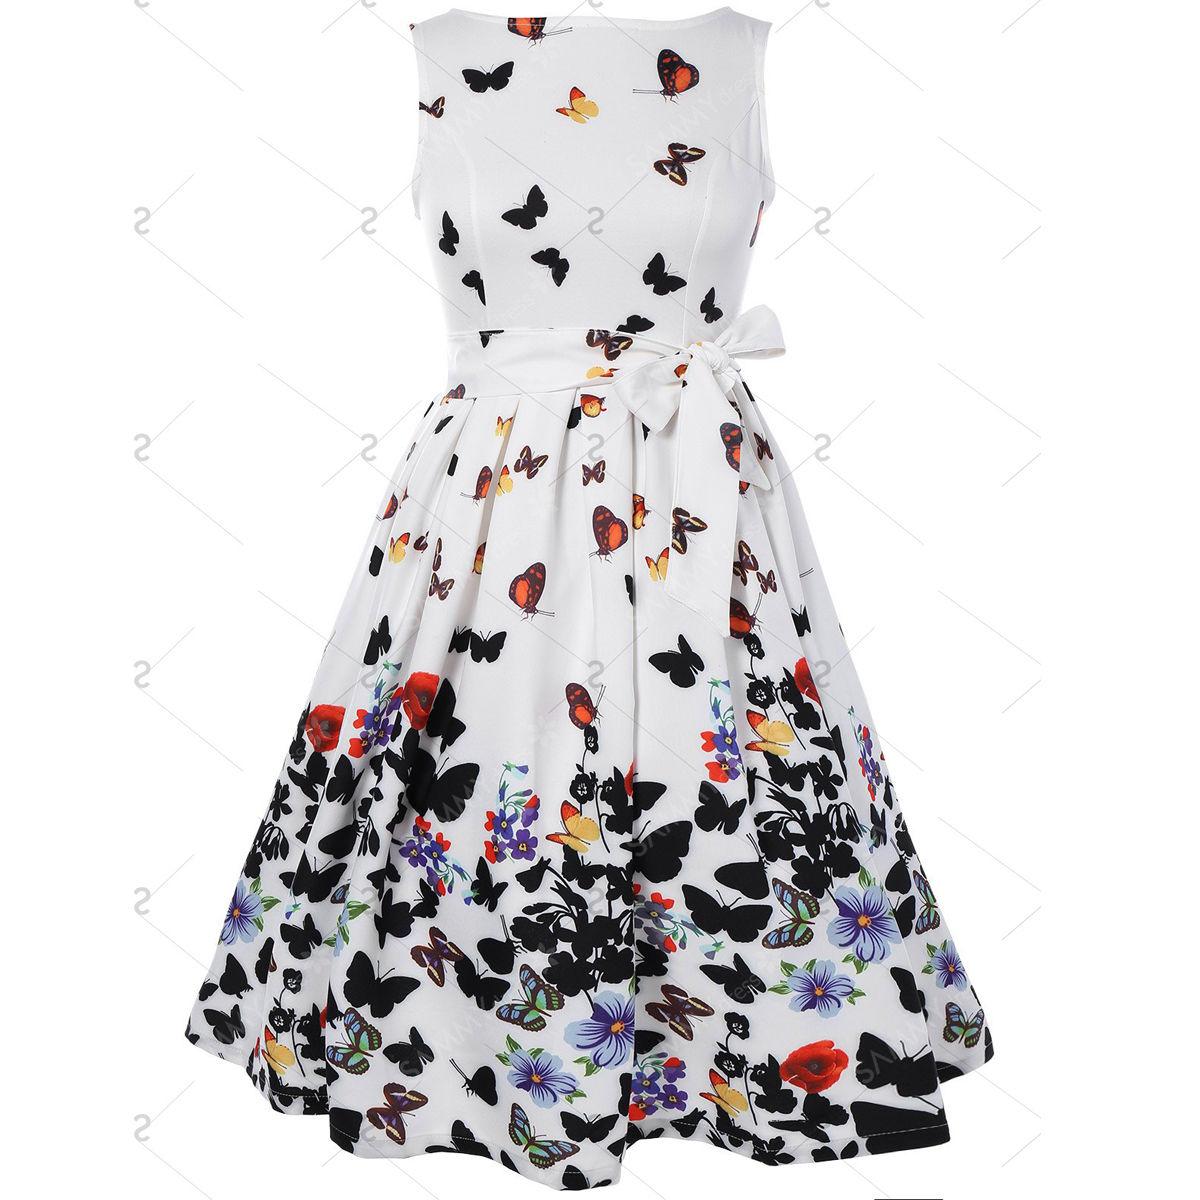 Butterfly Summer Dress (Us 4-14)